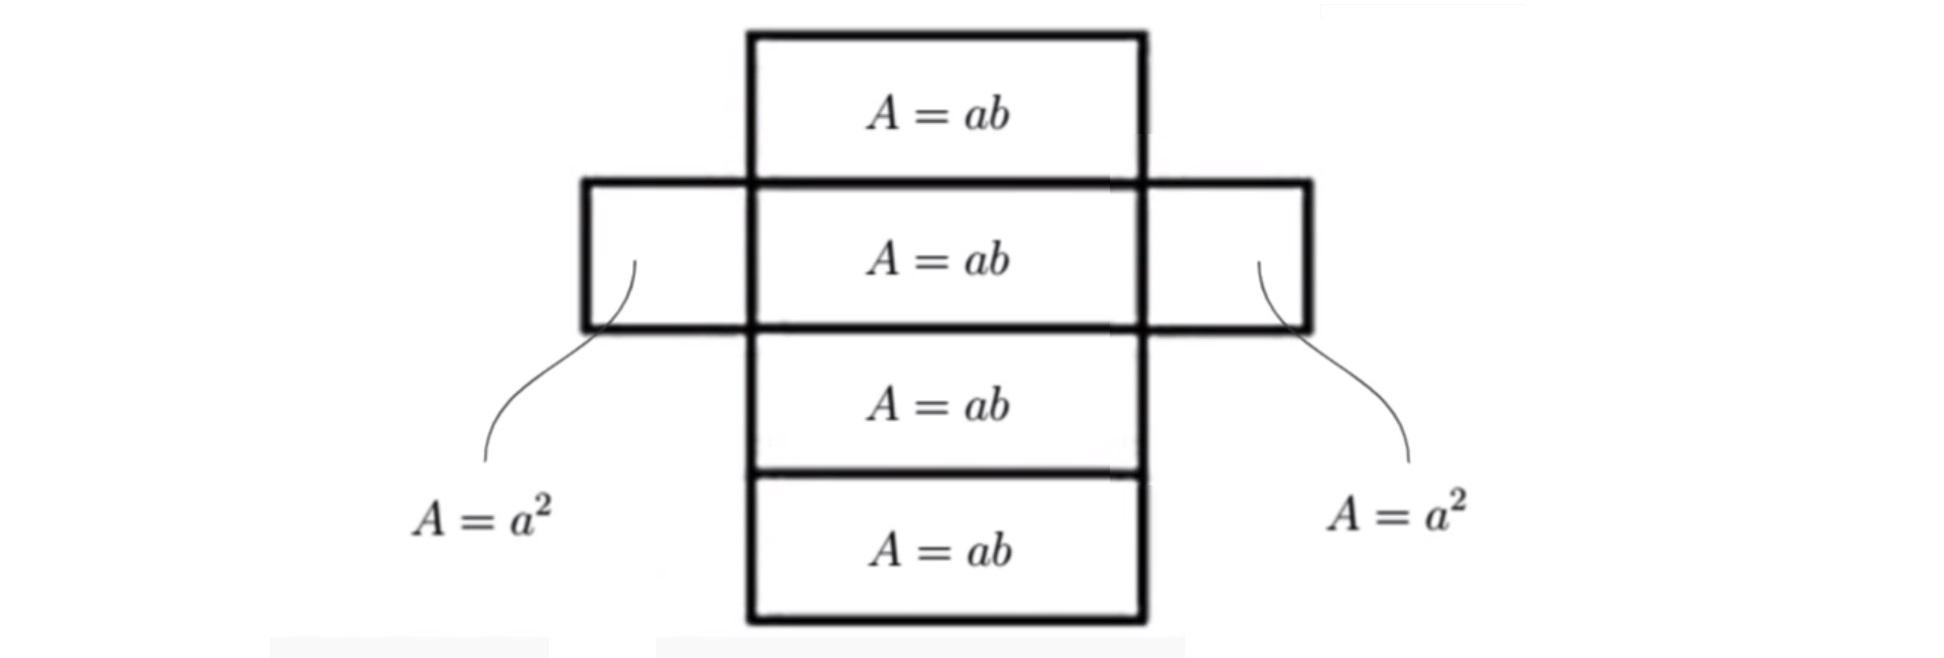 """Esboço planificado da caixa com base e tampa quadradas cuja fórmulas matemáticas da área de """"A"""" maiúsculo igual a """"a"""" minúsculo ao quadrado, e quatro faces retangulares de área """"A"""" maiúsculo igual a """"a"""" minúsculo vezes """"b"""" minúsculo"""